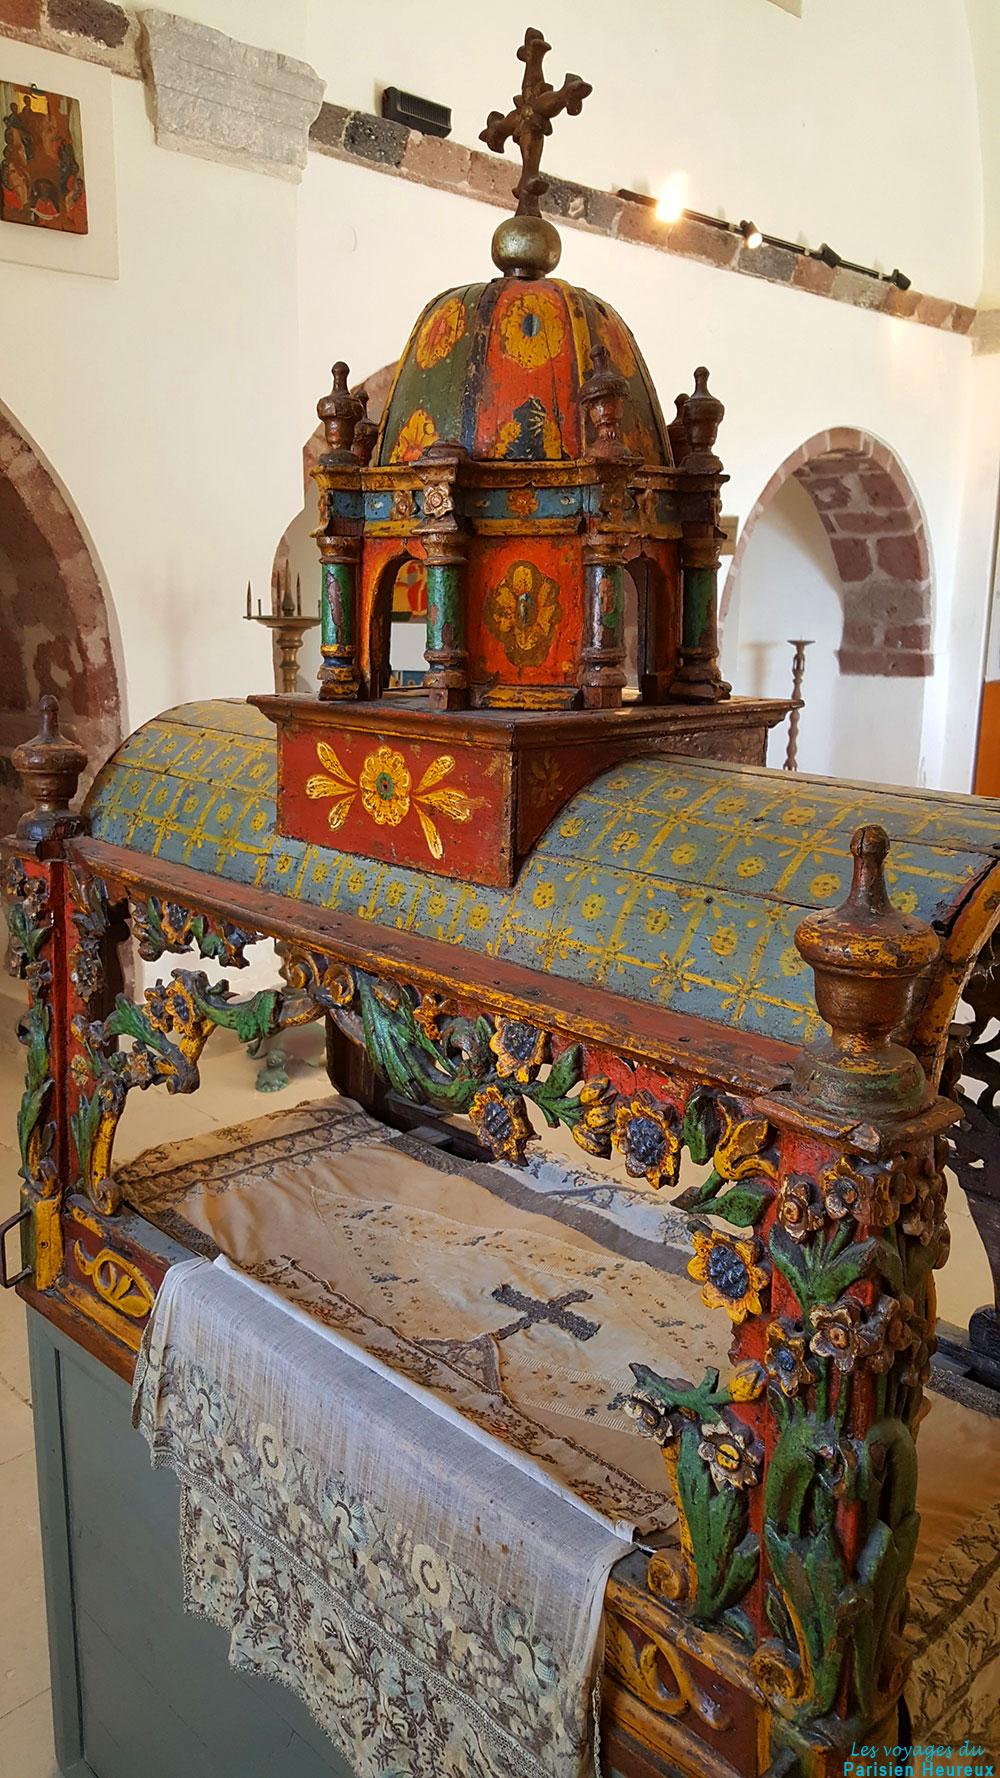 Le musée des artefacts religieux à Pyrgos, Santorin